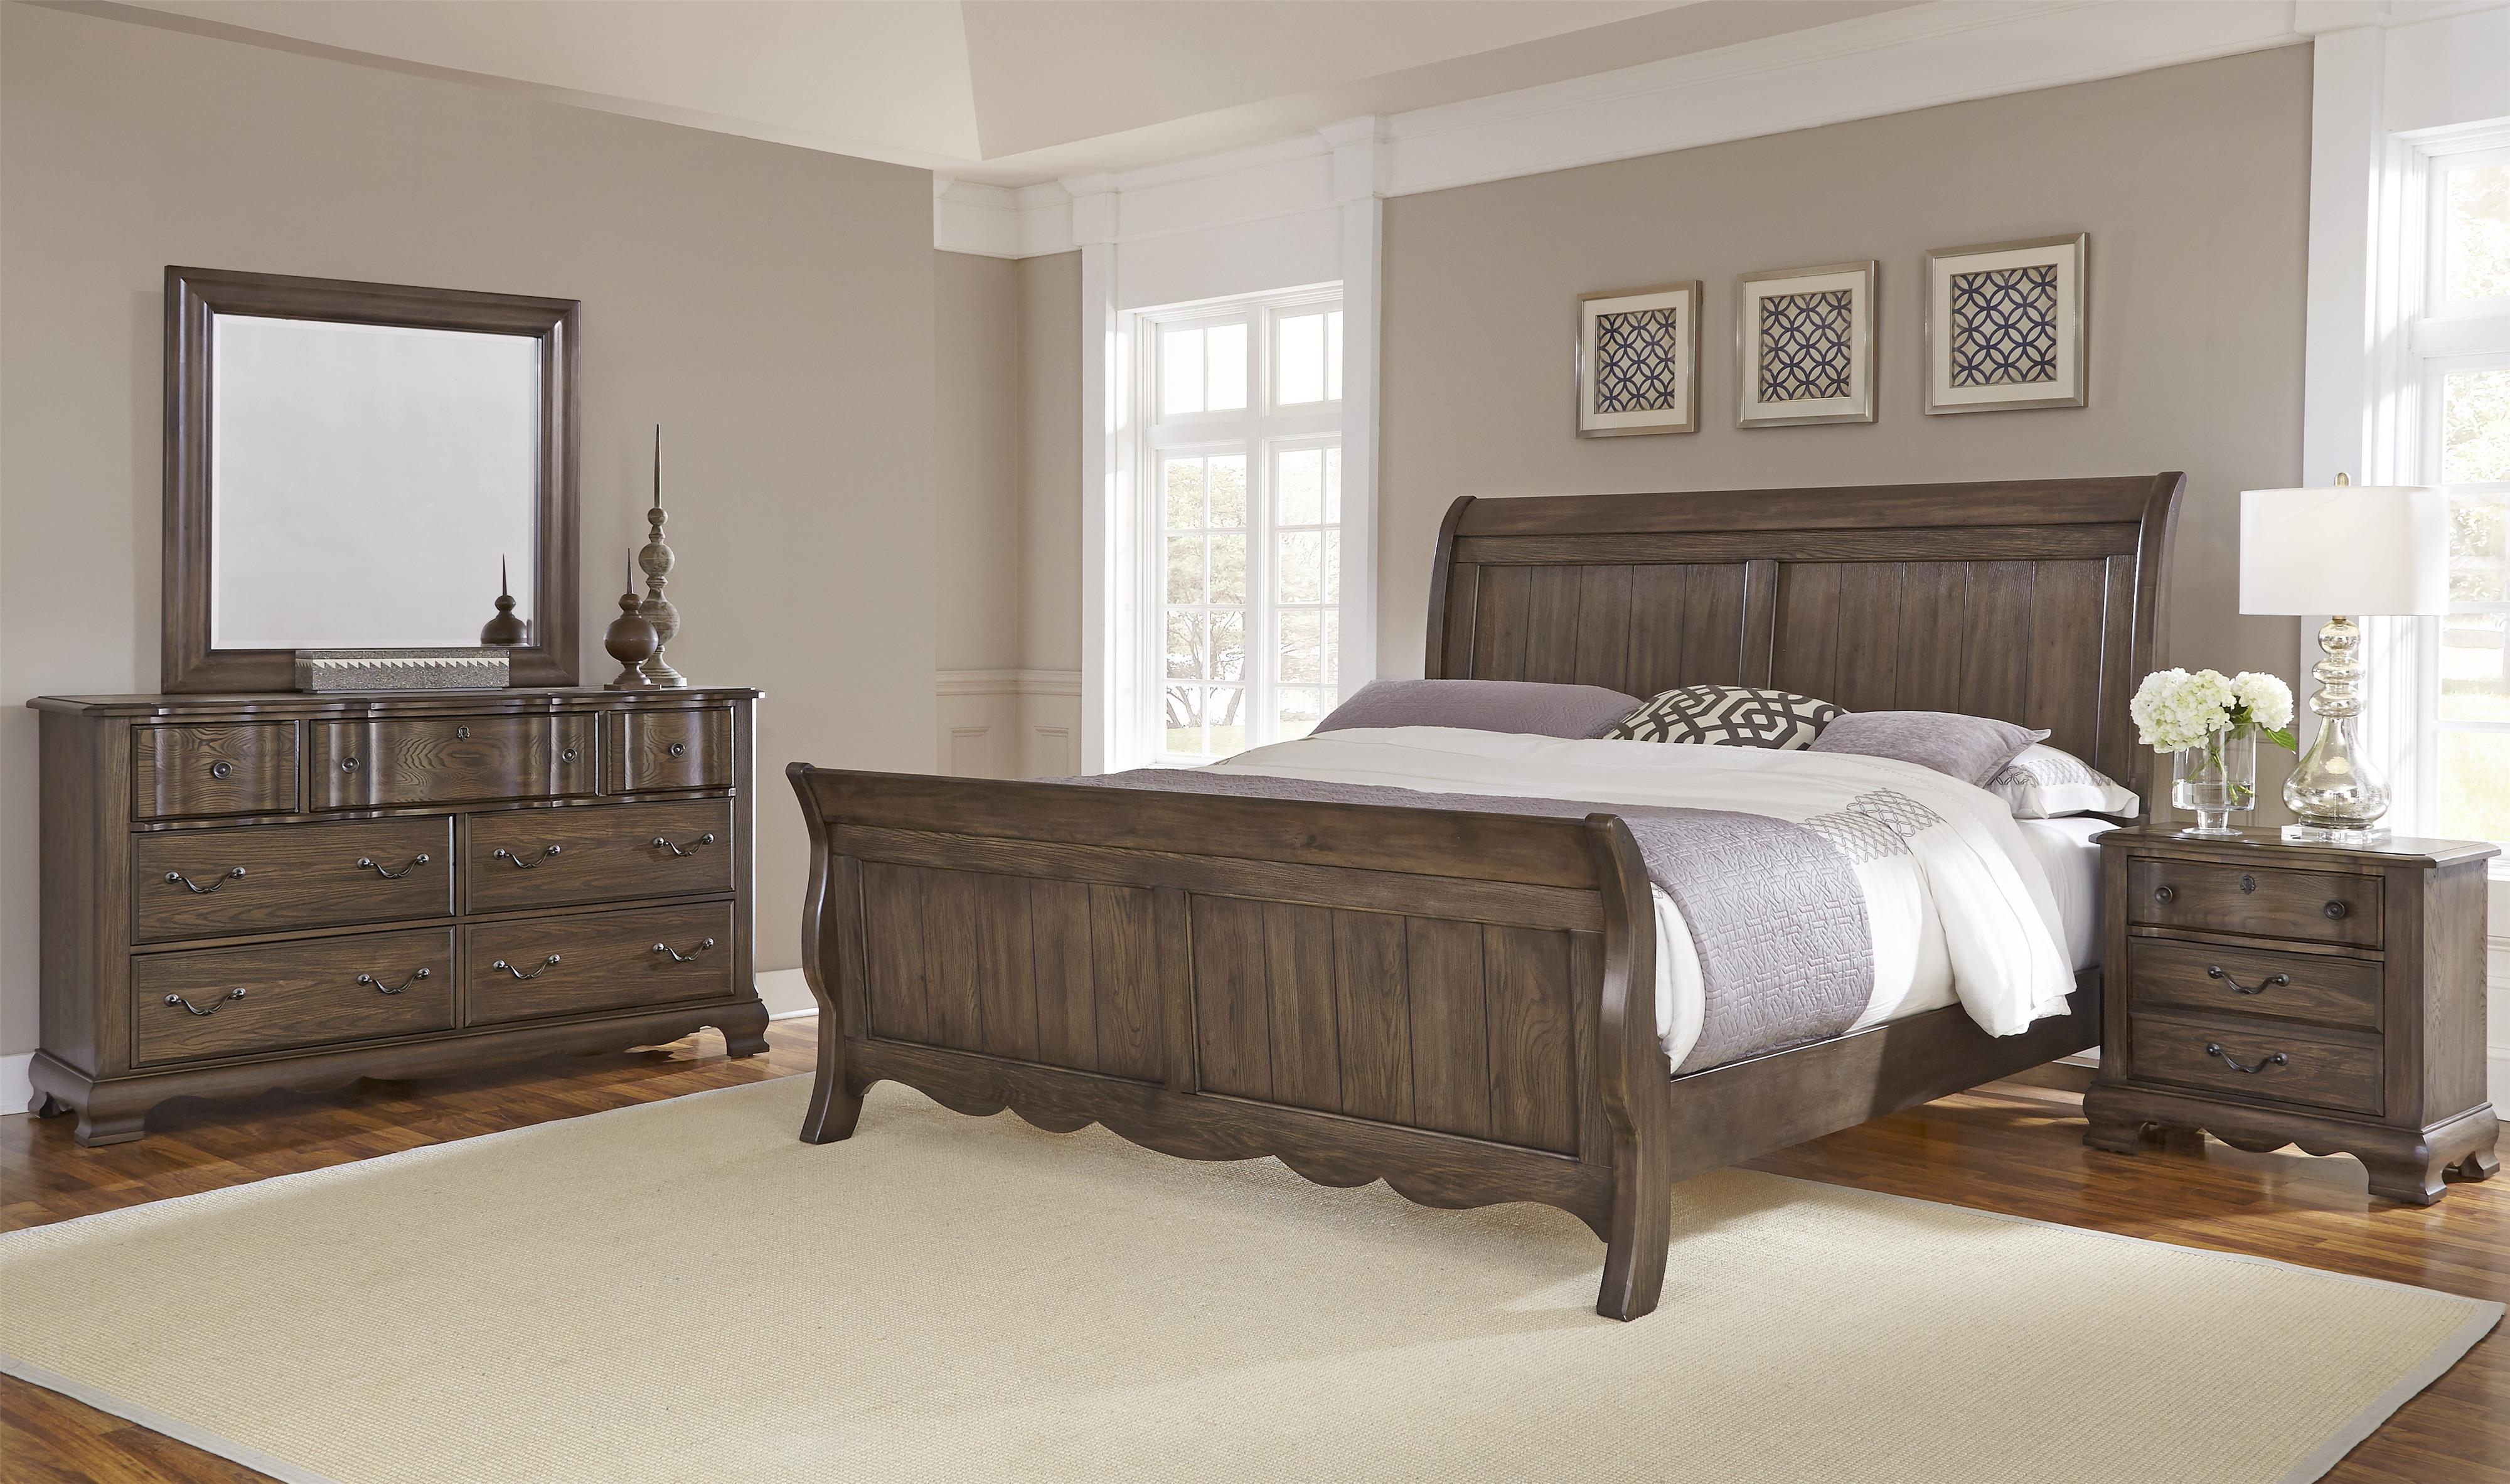 Vaughan Bassett Villa Sophia King Bedroom Group - Item Number: 520 K Bedroom Group 2